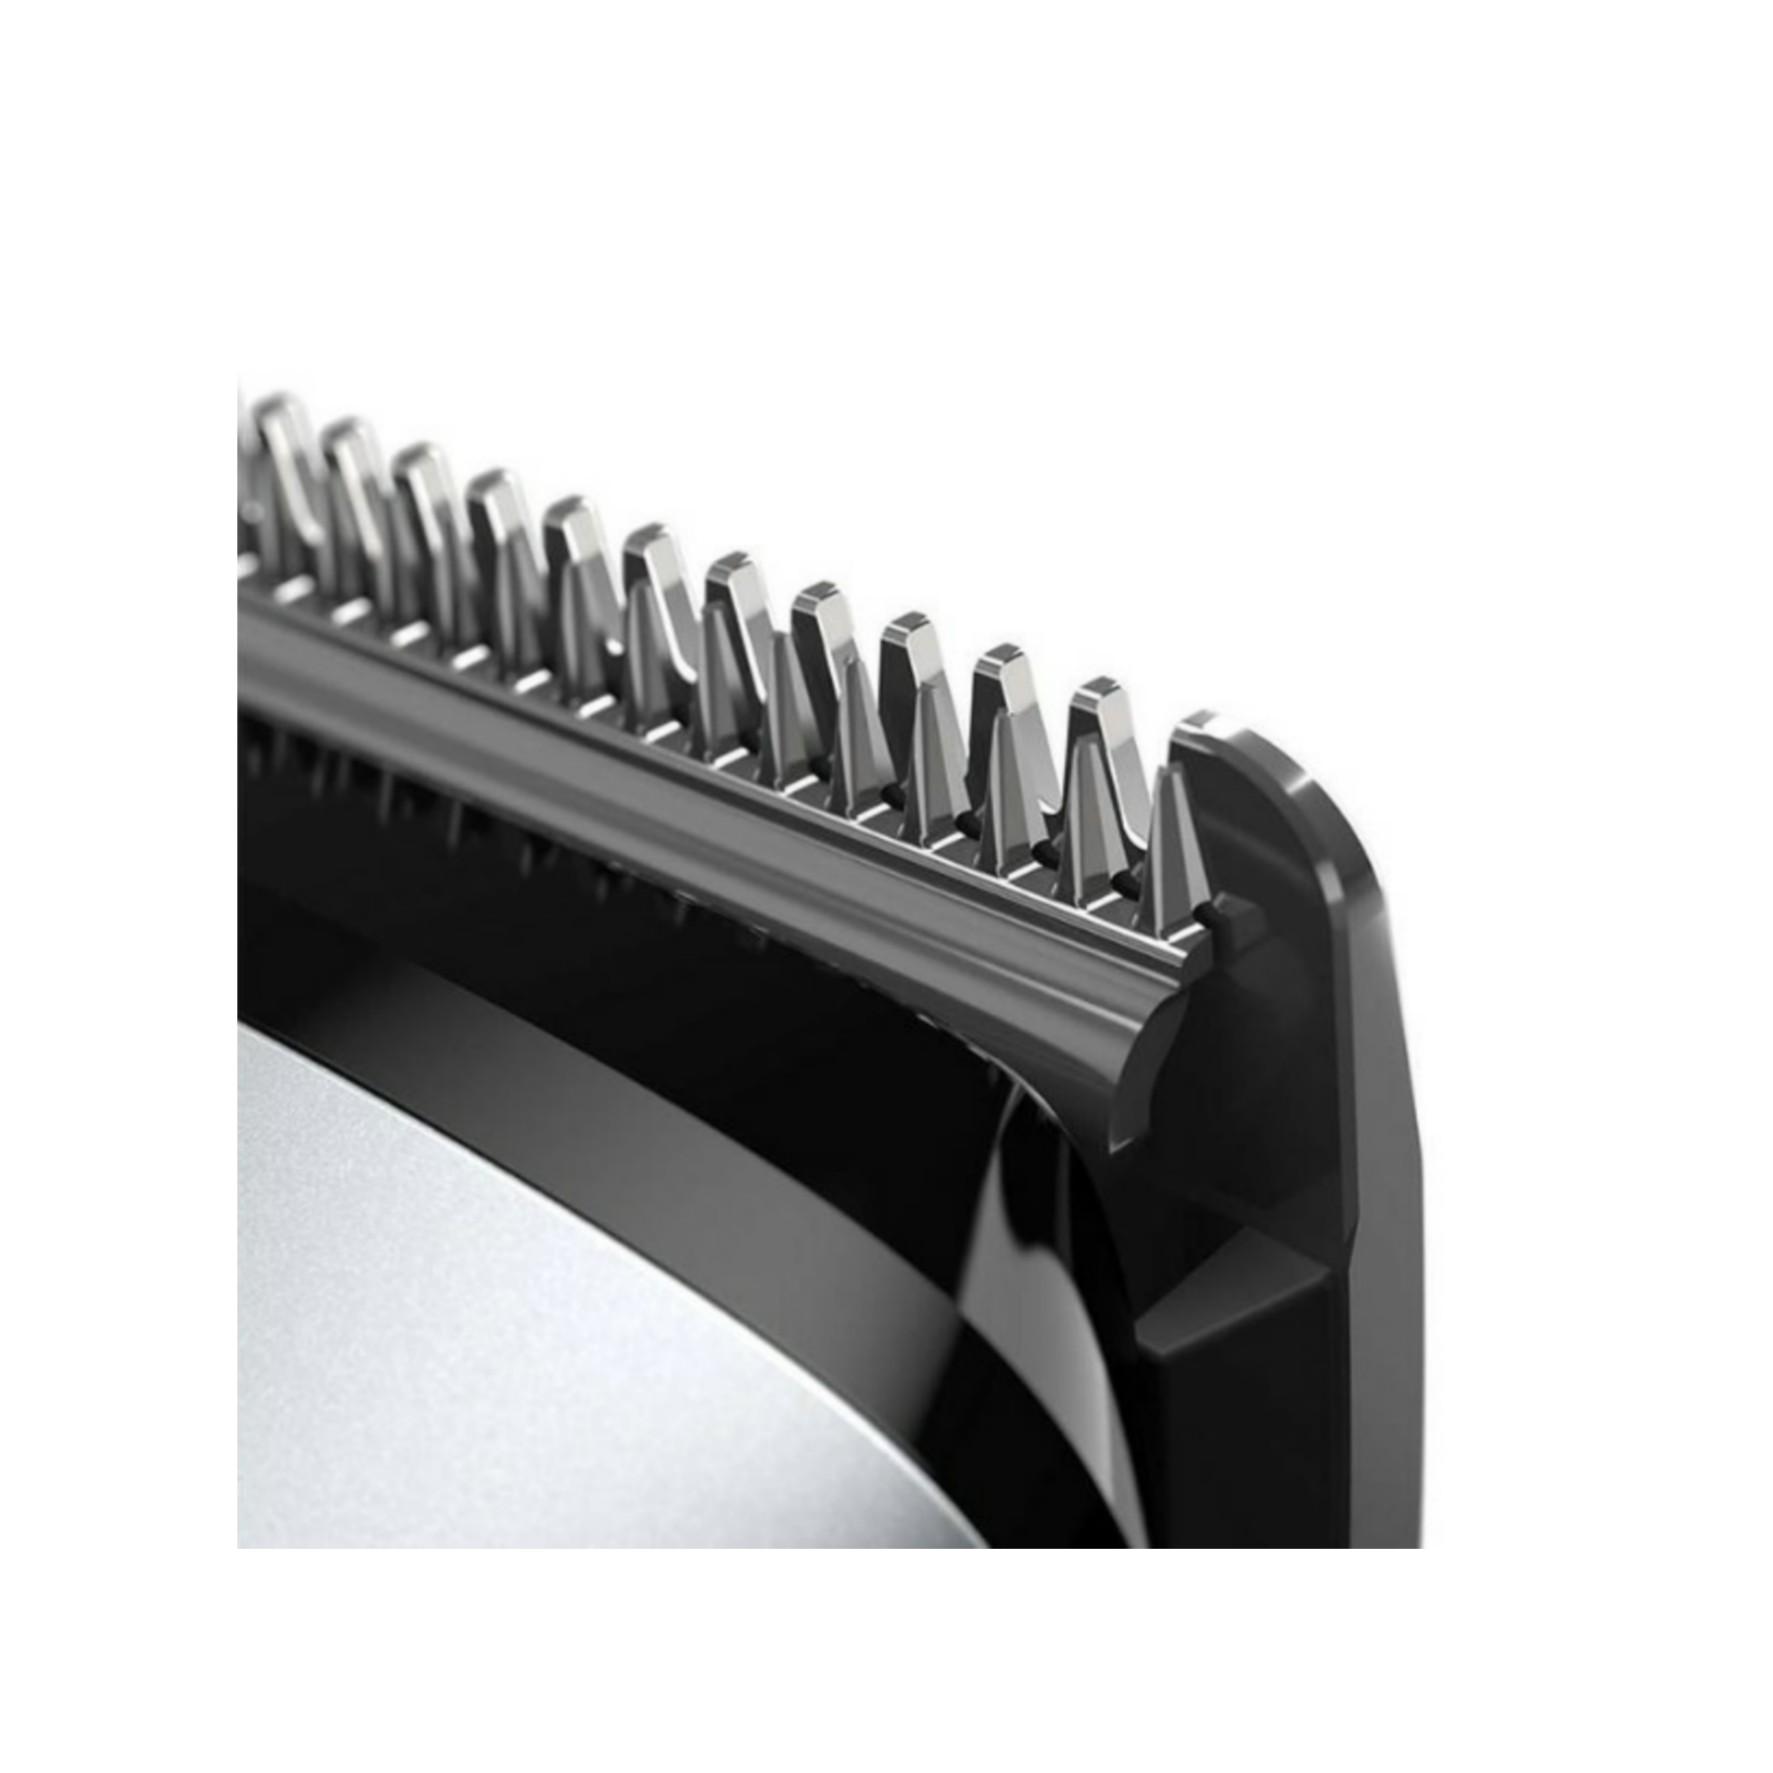 ست ماشین اصلاح موی صورت و بدن فیلیپس مدل MG7715/00 main 1 3